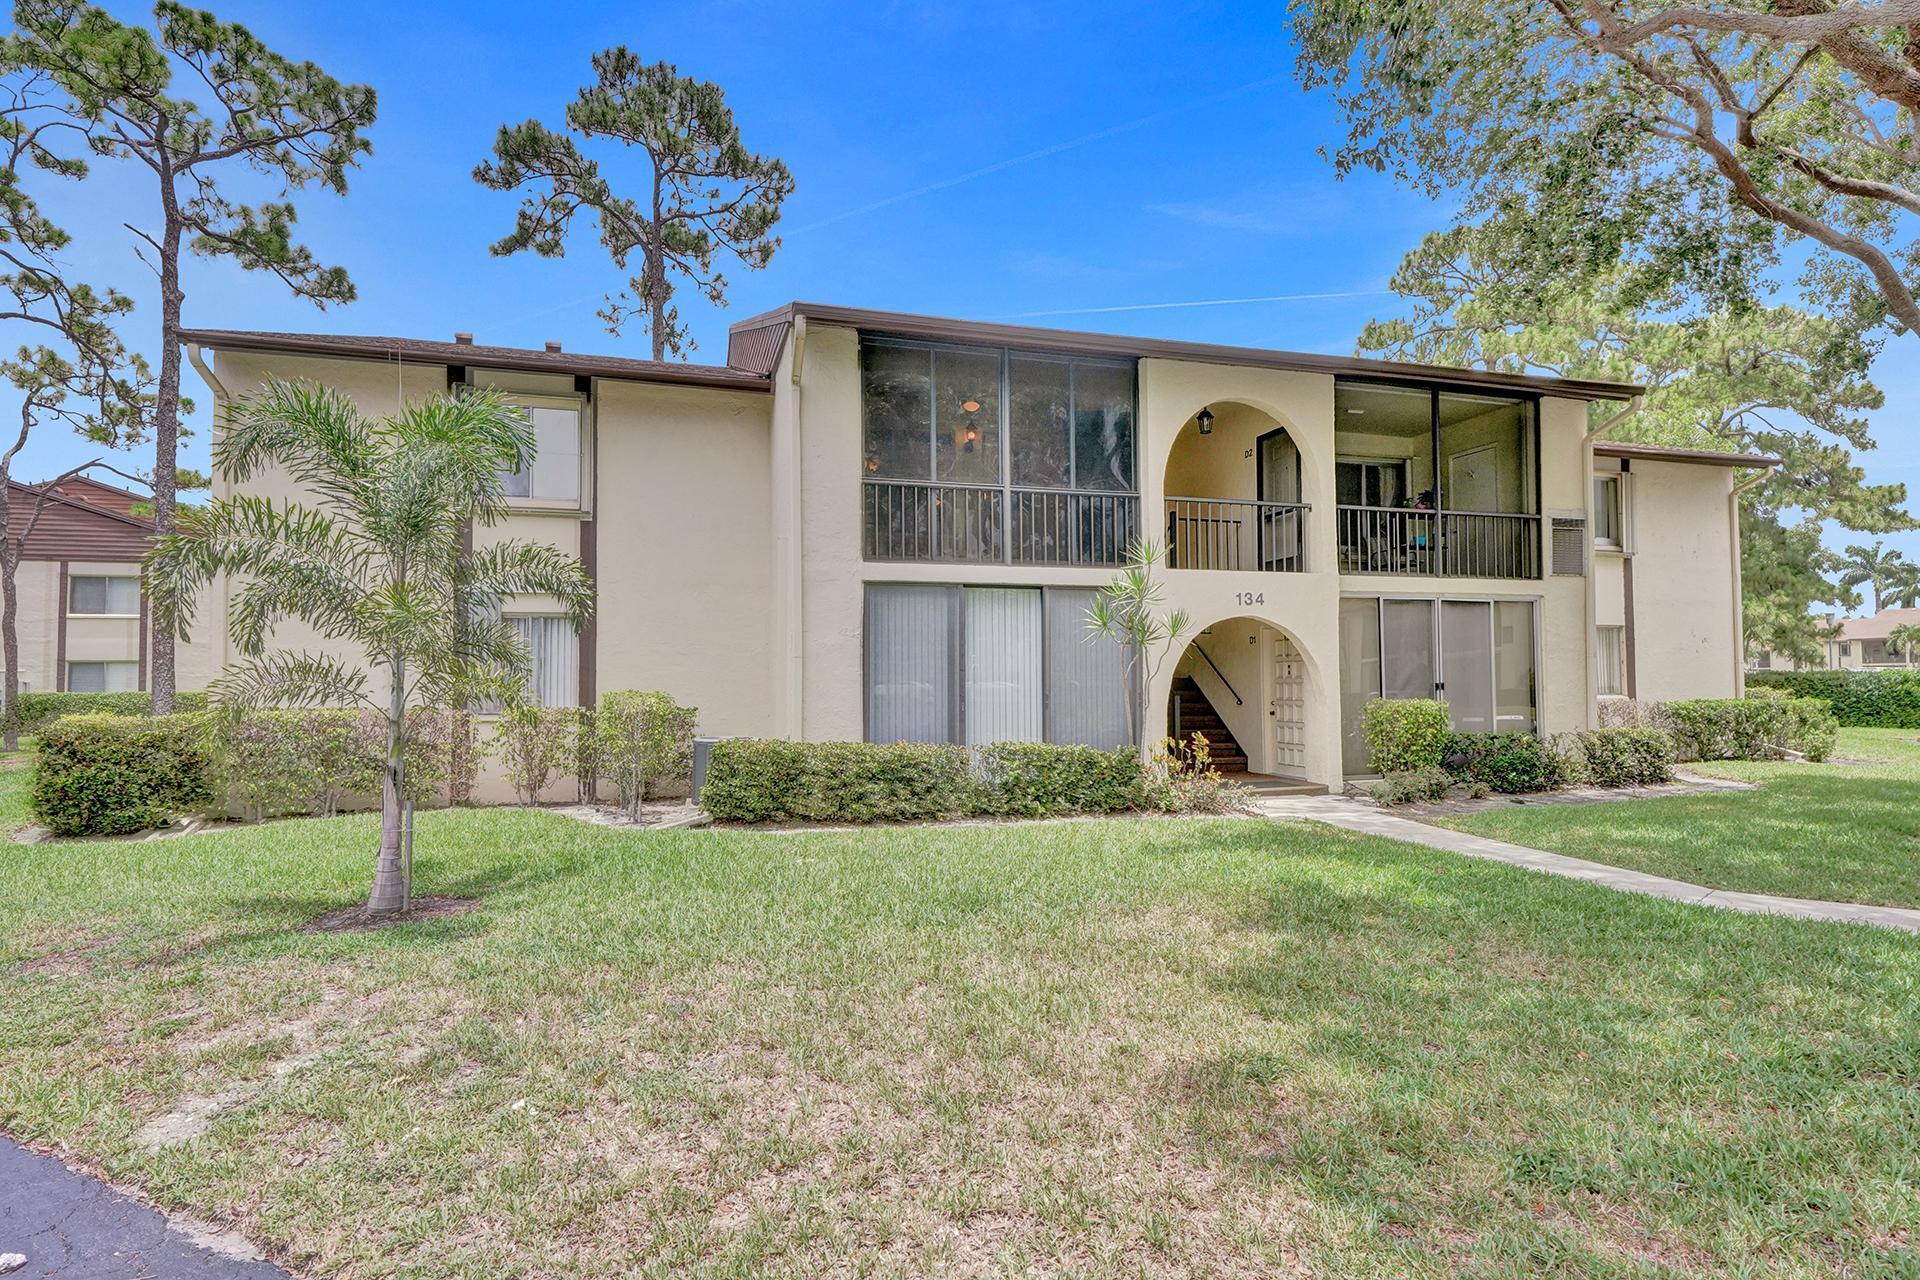 134 Lake Pine Circle, Greenacres, FL 33463